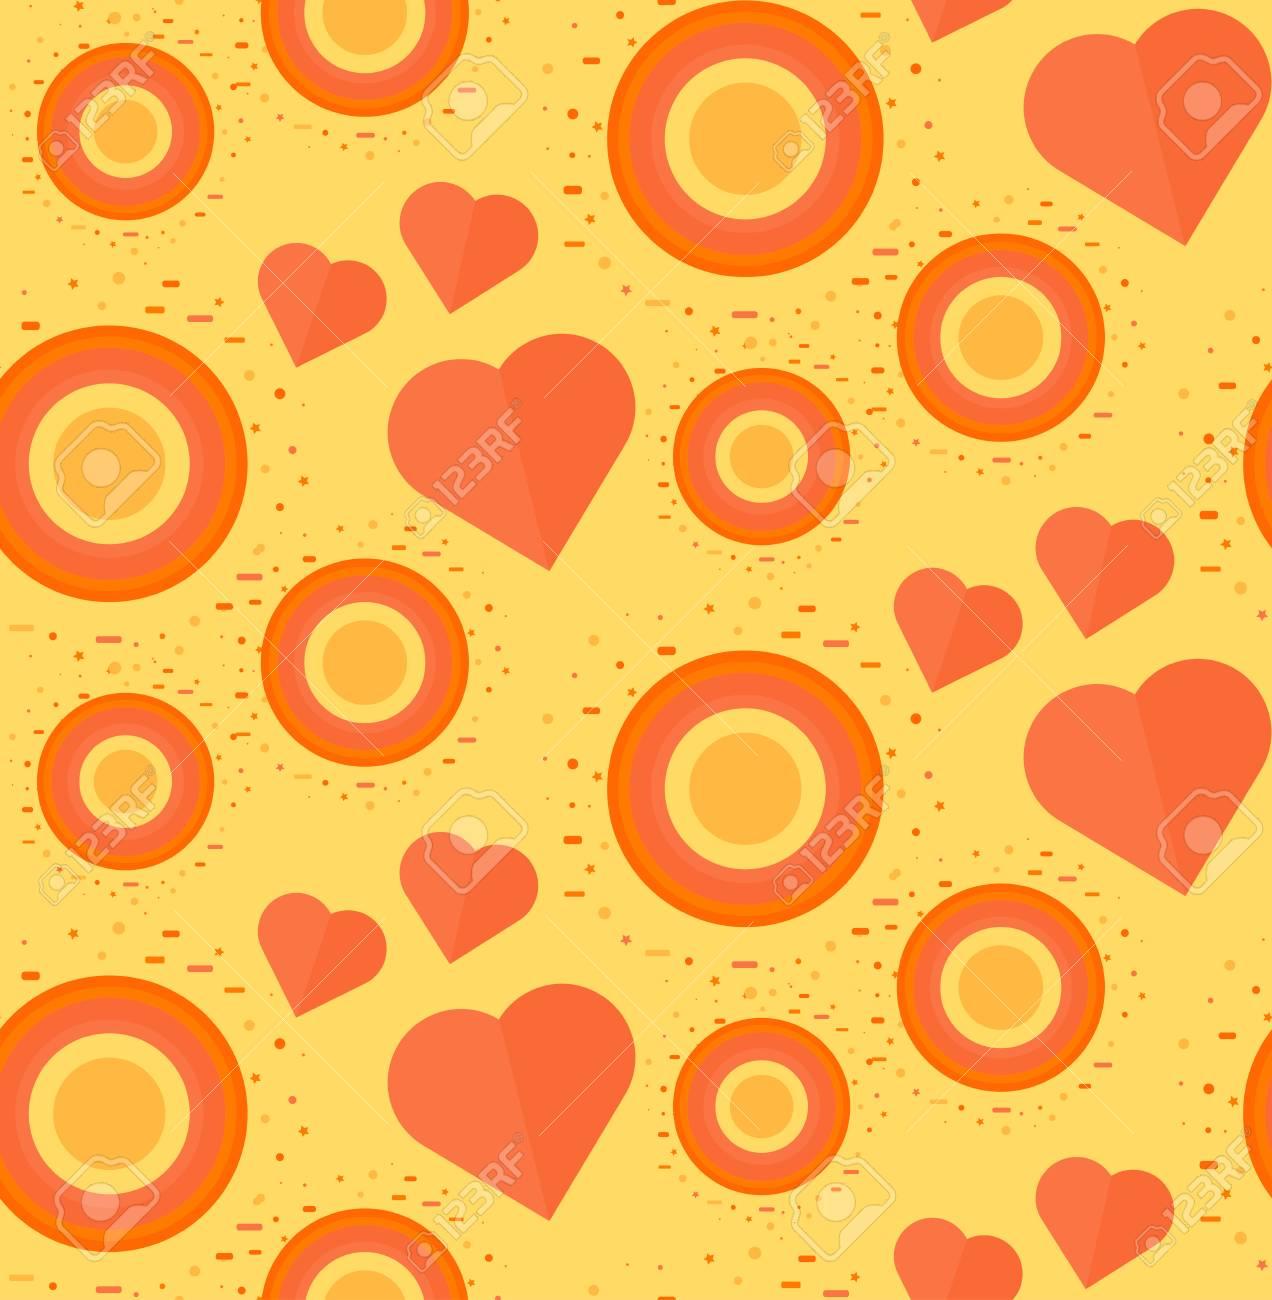 Jahrgang Nahtlose Romantische Muster Für Wrap, Print, Stoff ...